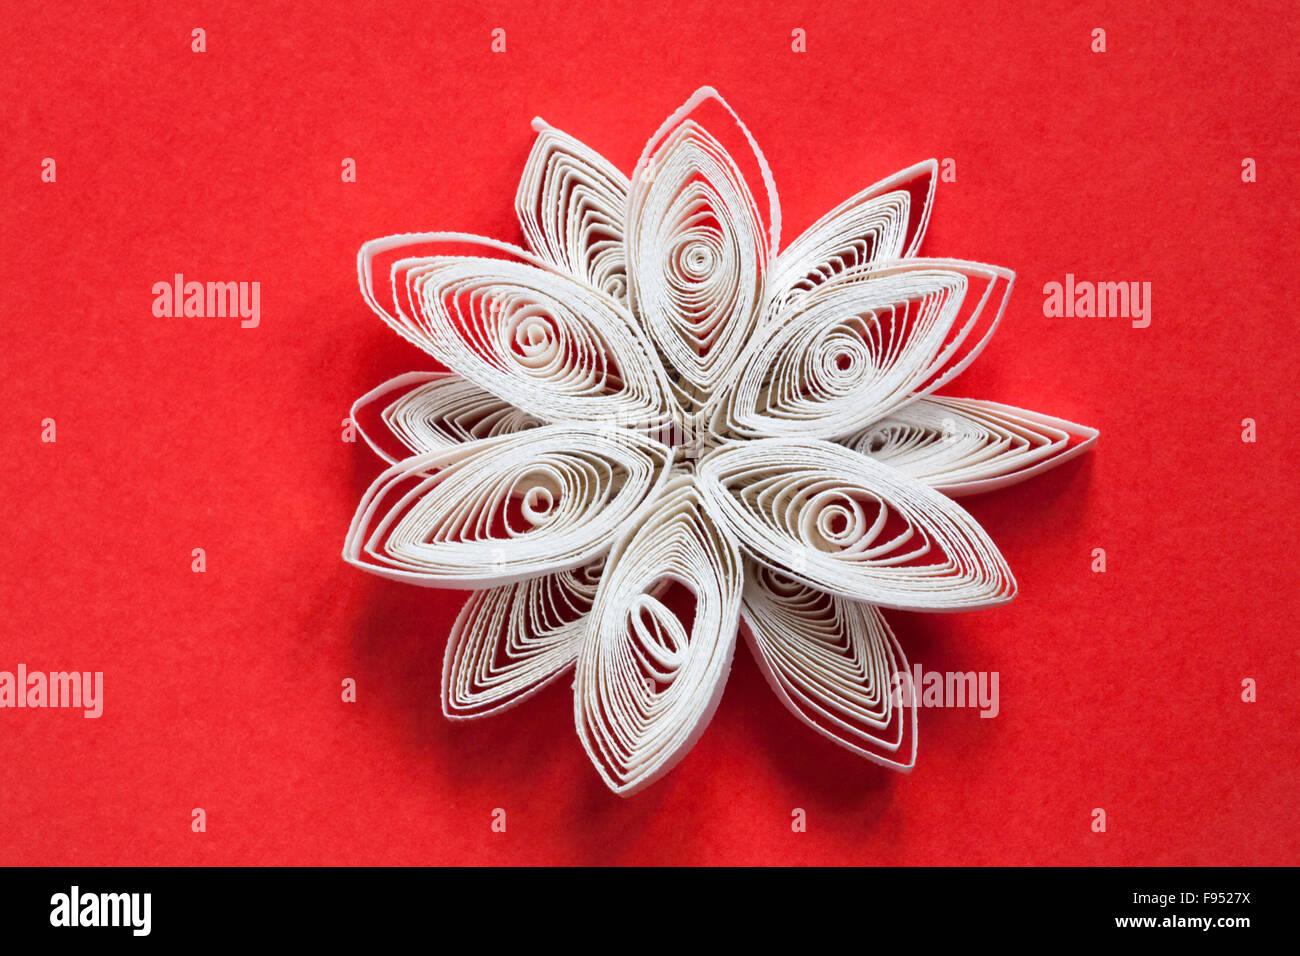 Decorazioni Natalizie Quilling.Carta Quilling Dettaglio Del Fiocco Di Neve Di Natale Decorazioni